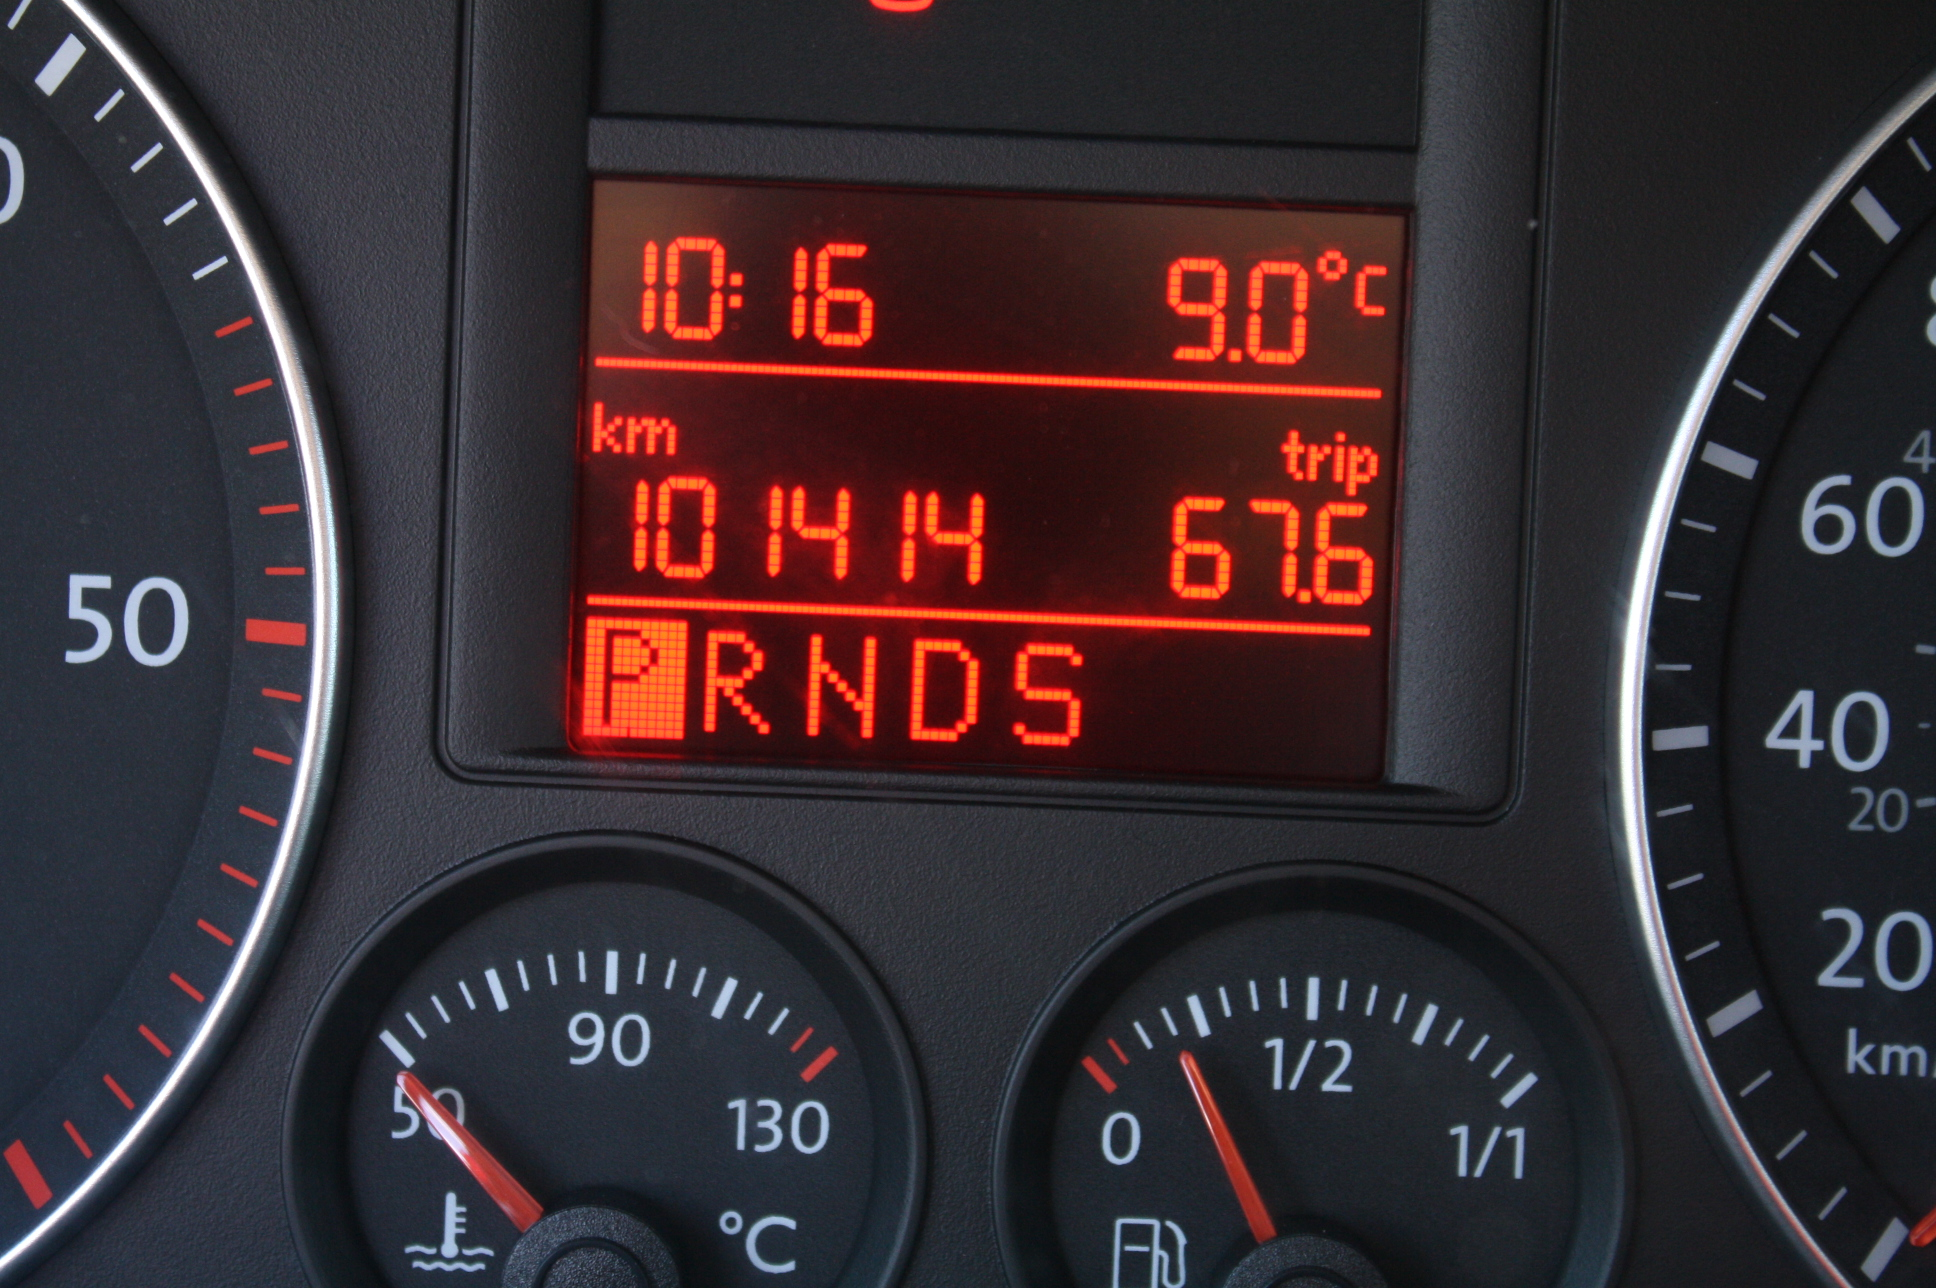 VOLKSWAGEN JETTA TDI - 2009 ON SALE | LionAutos